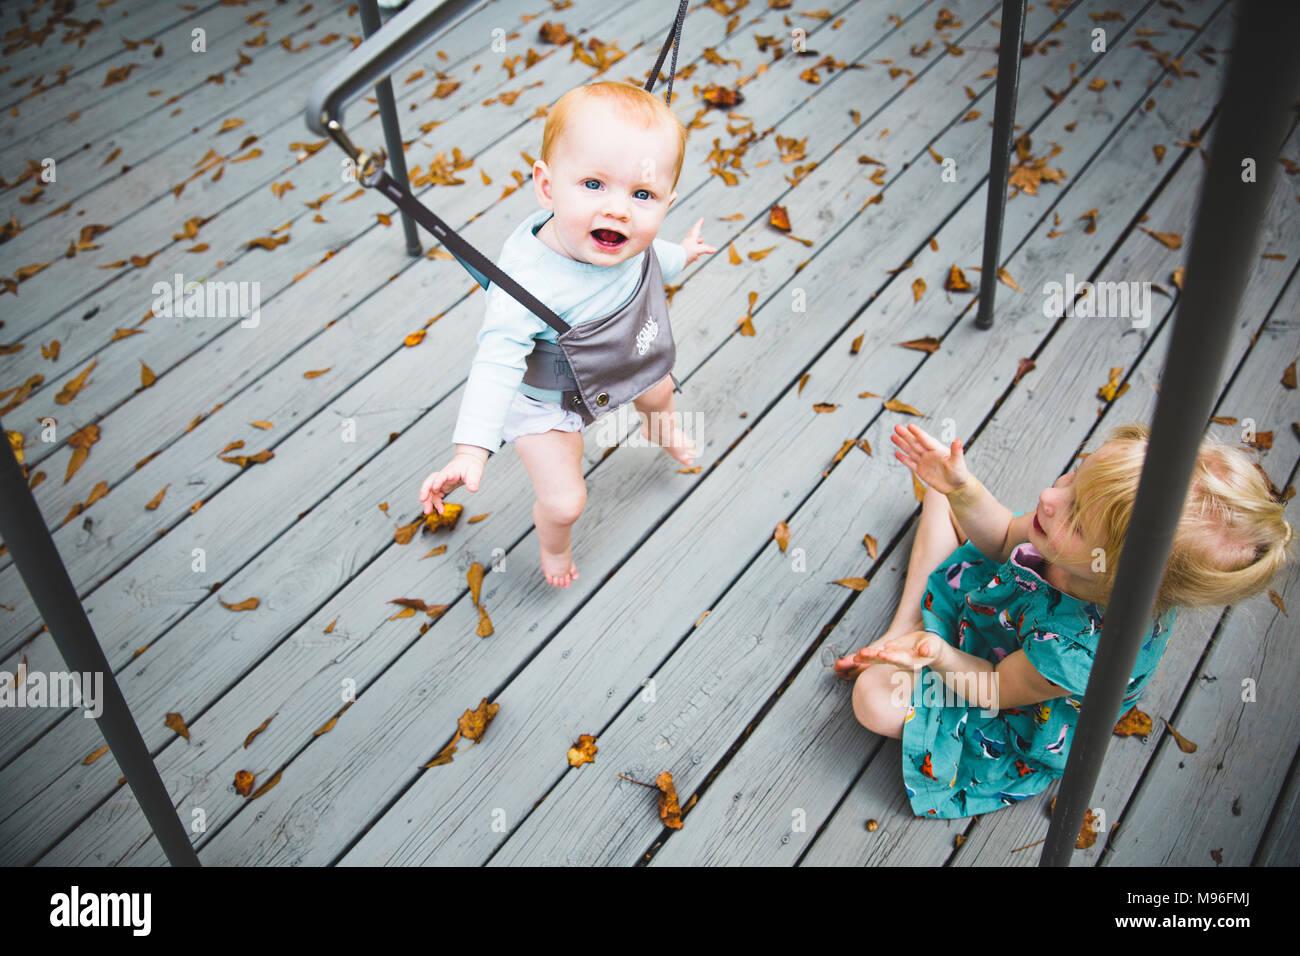 Baby sorridente e salto con la ragazza a guardare Immagini Stock